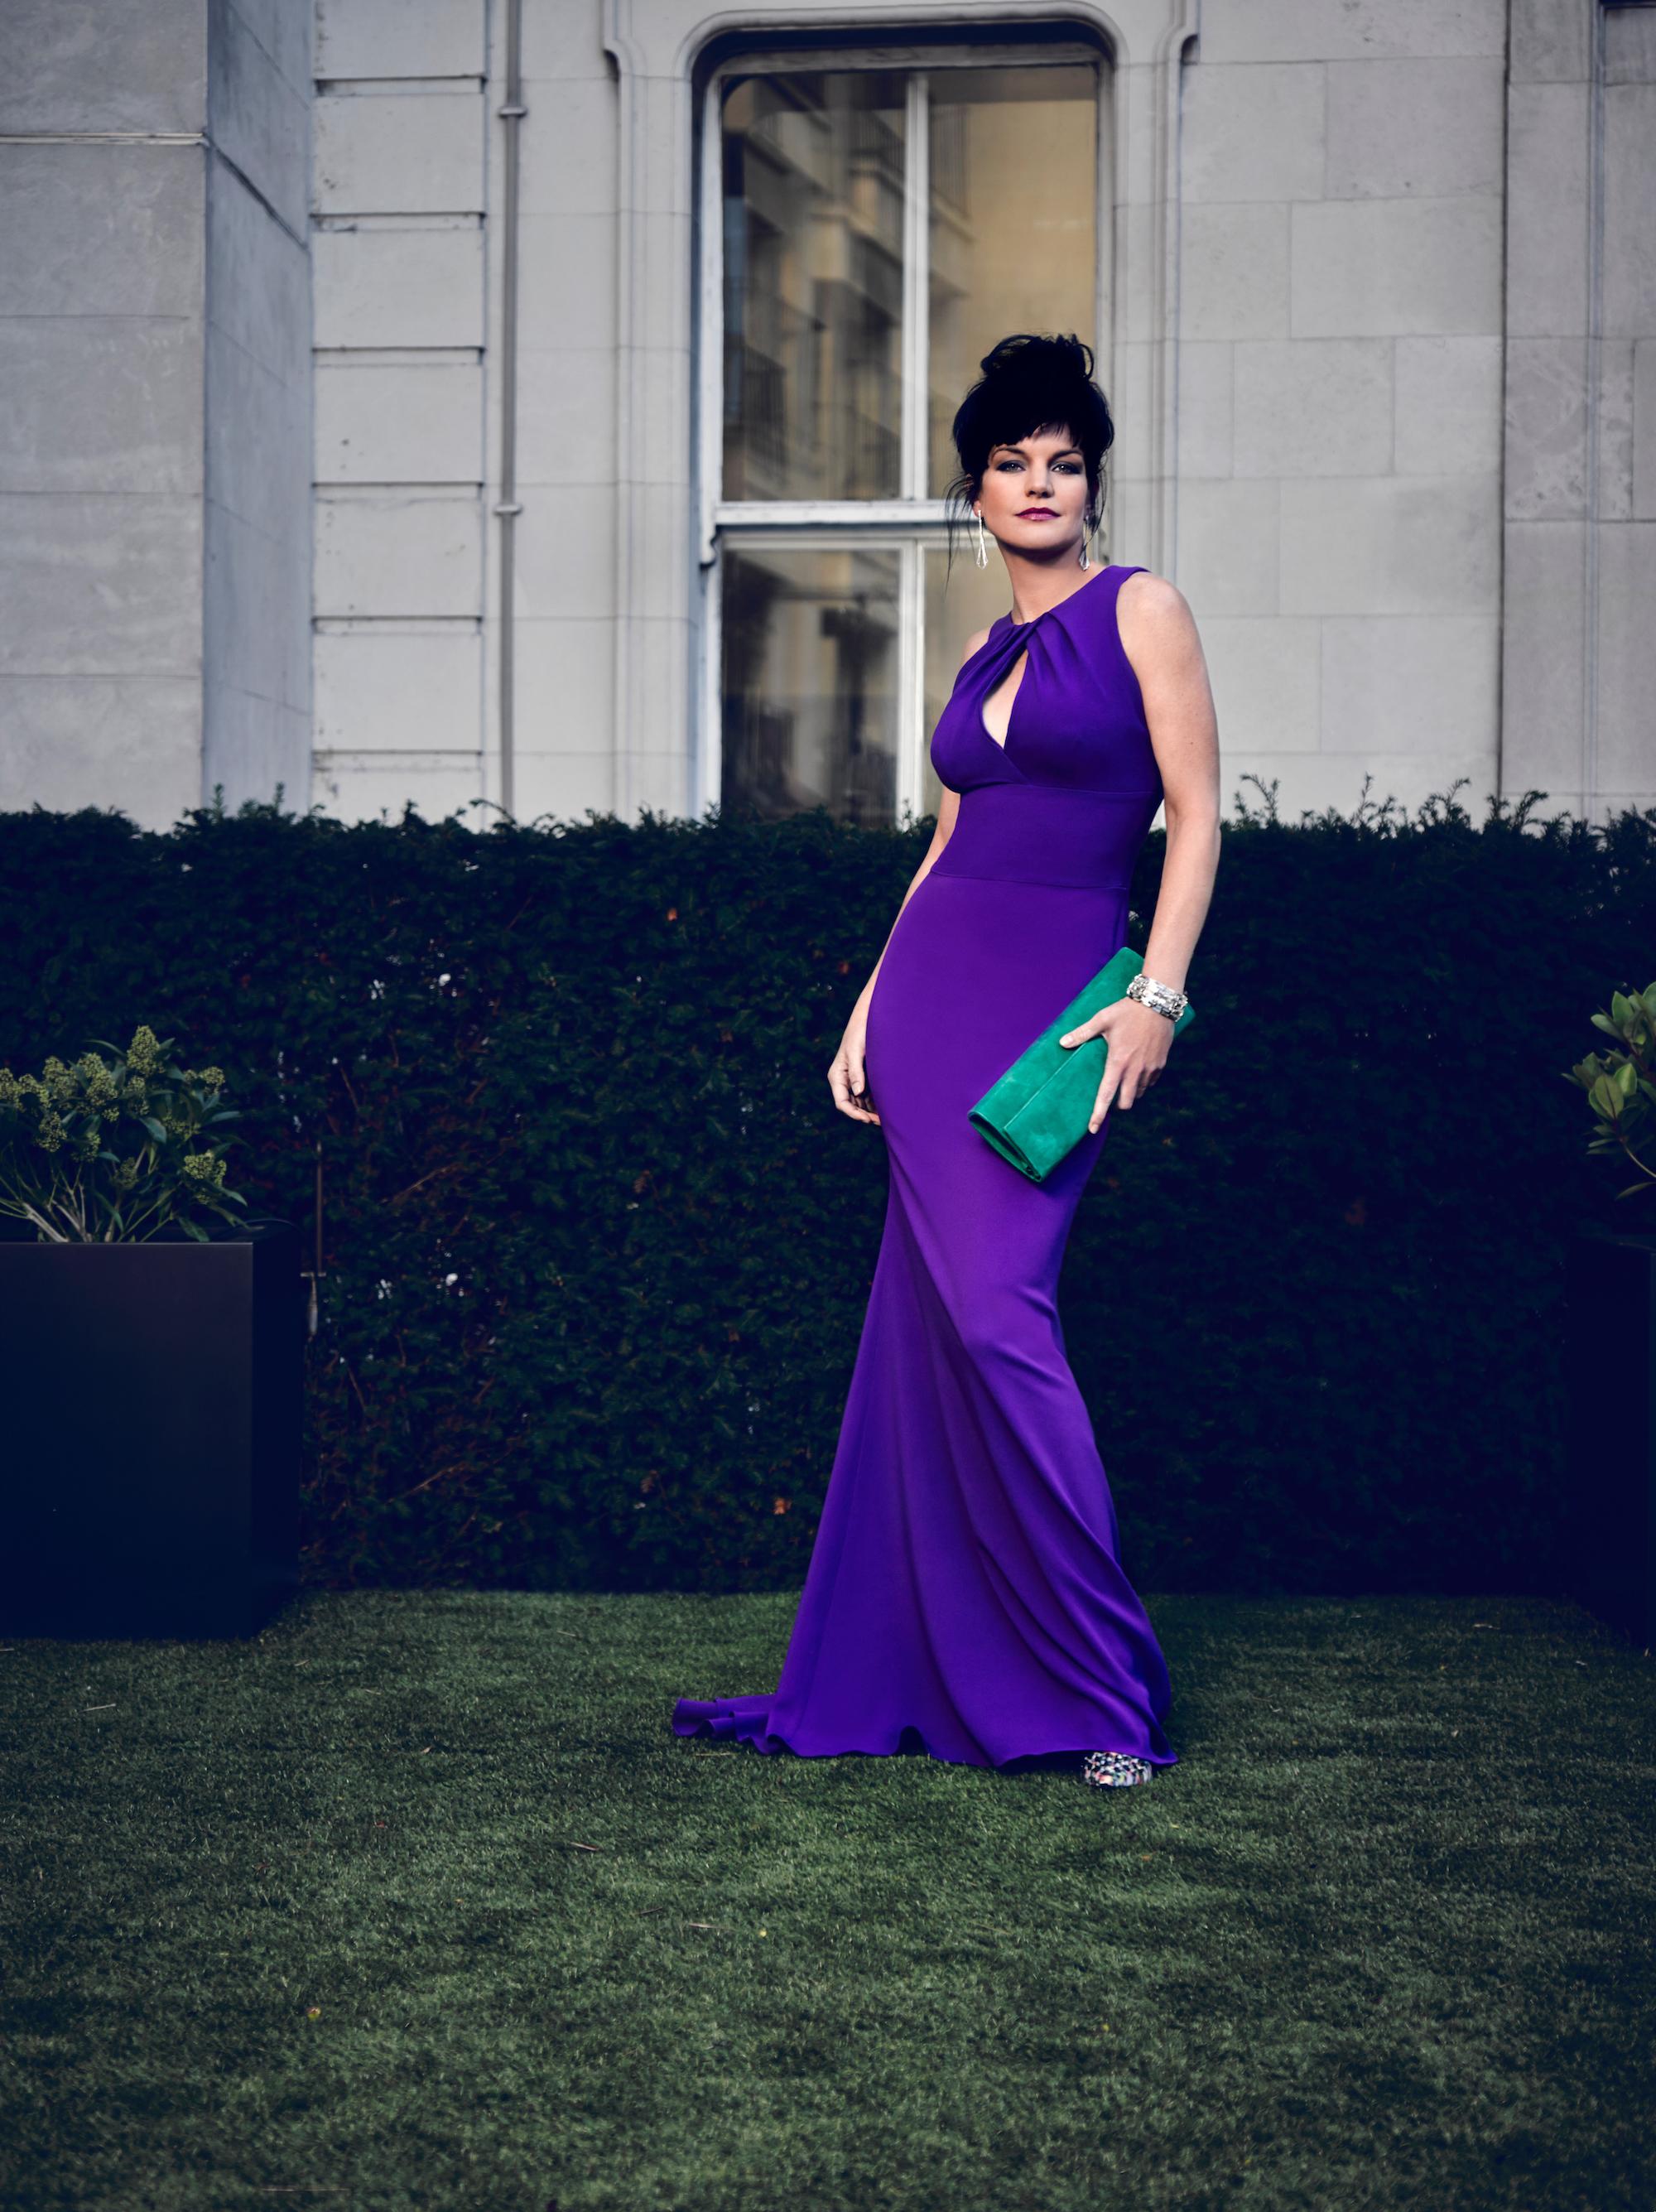 Pauley looks vivacious in violet